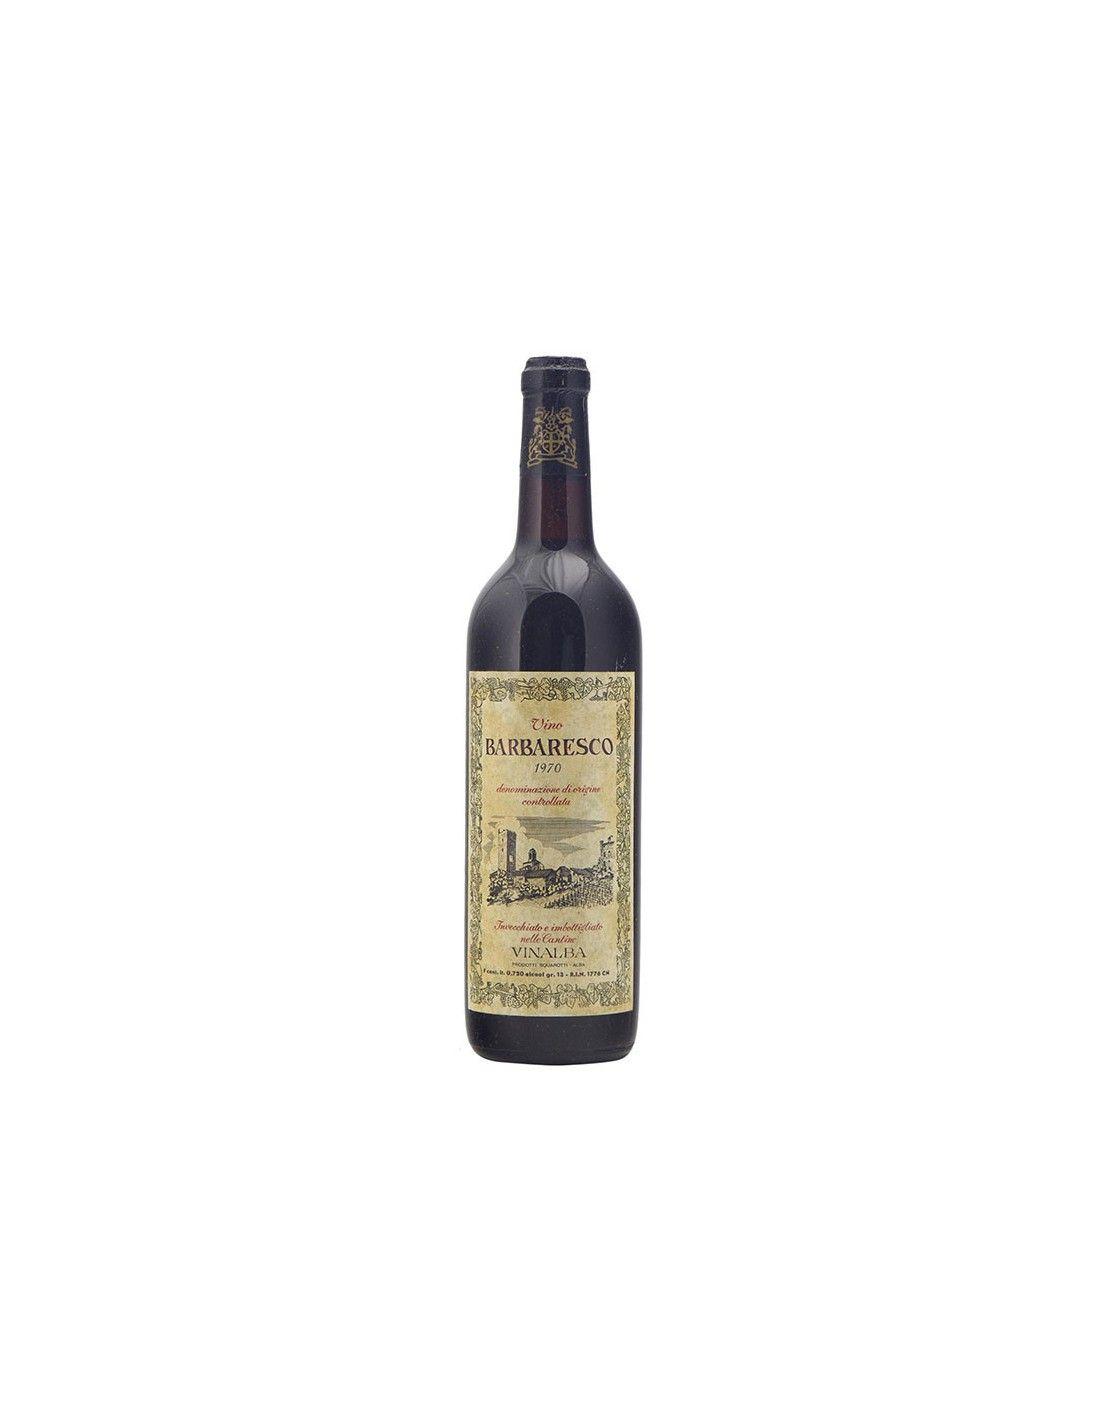 BARBARESCO 1970 VINALBA Grandi Bottiglie